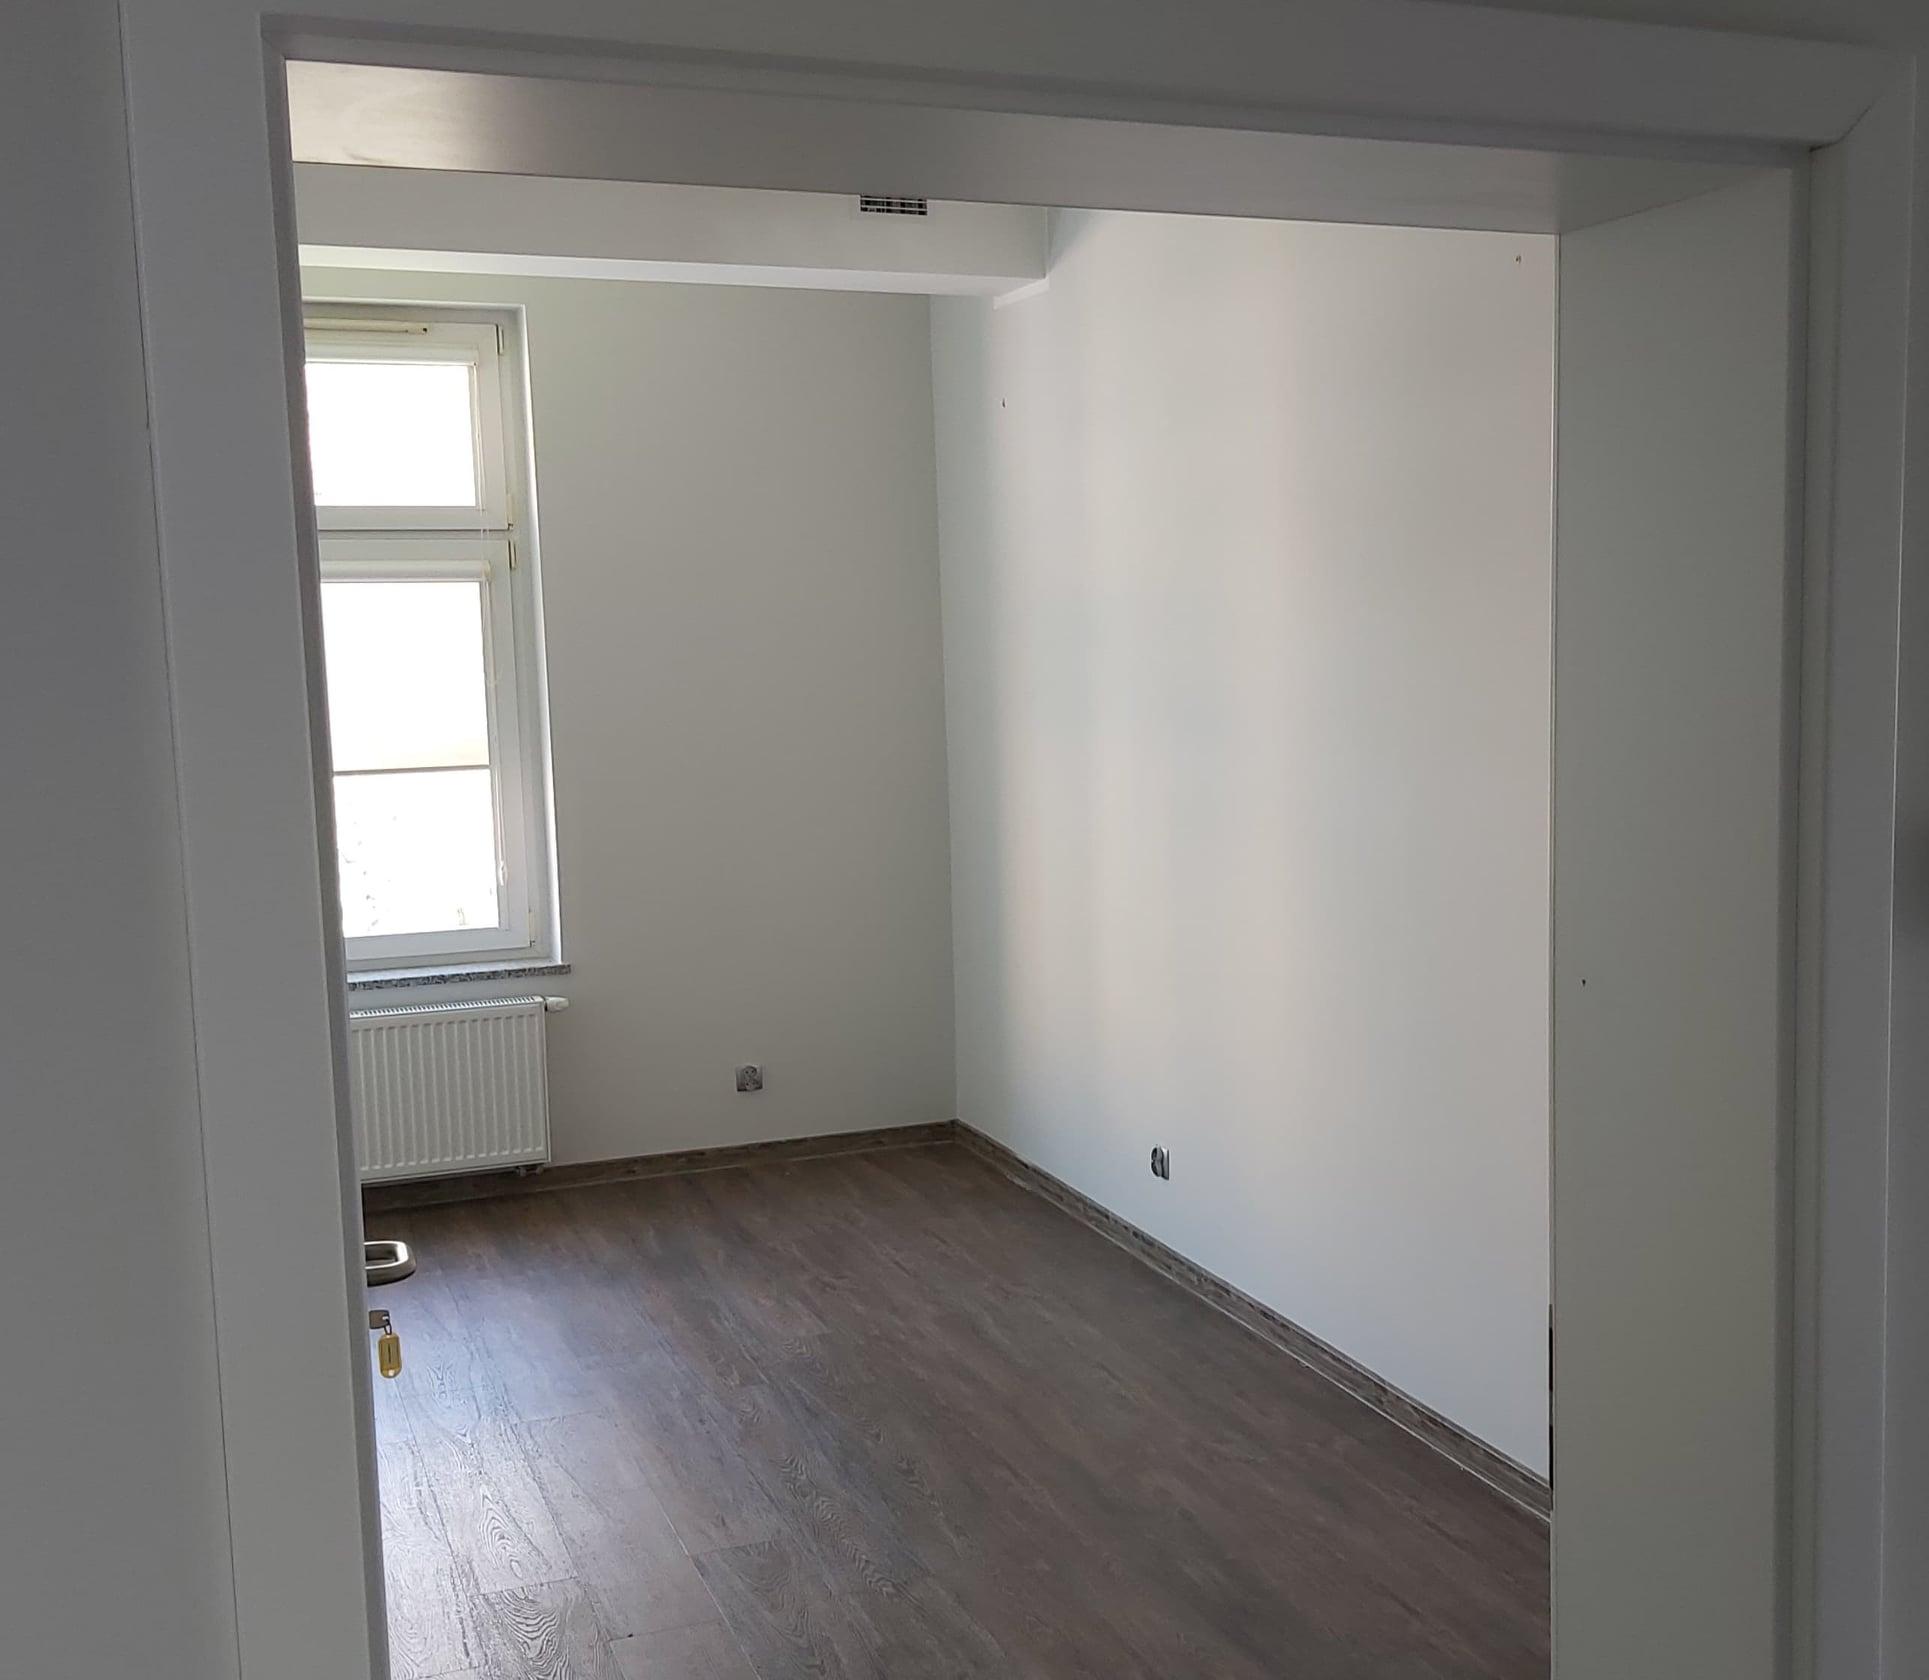 Na zdjęciu puste pomieszczenie. zdjecie zrobione przez drzwi z korytarza. przez okno pada słońce. w pomieszczeniu pomalowane na biało ściany o brązowa podłoga.